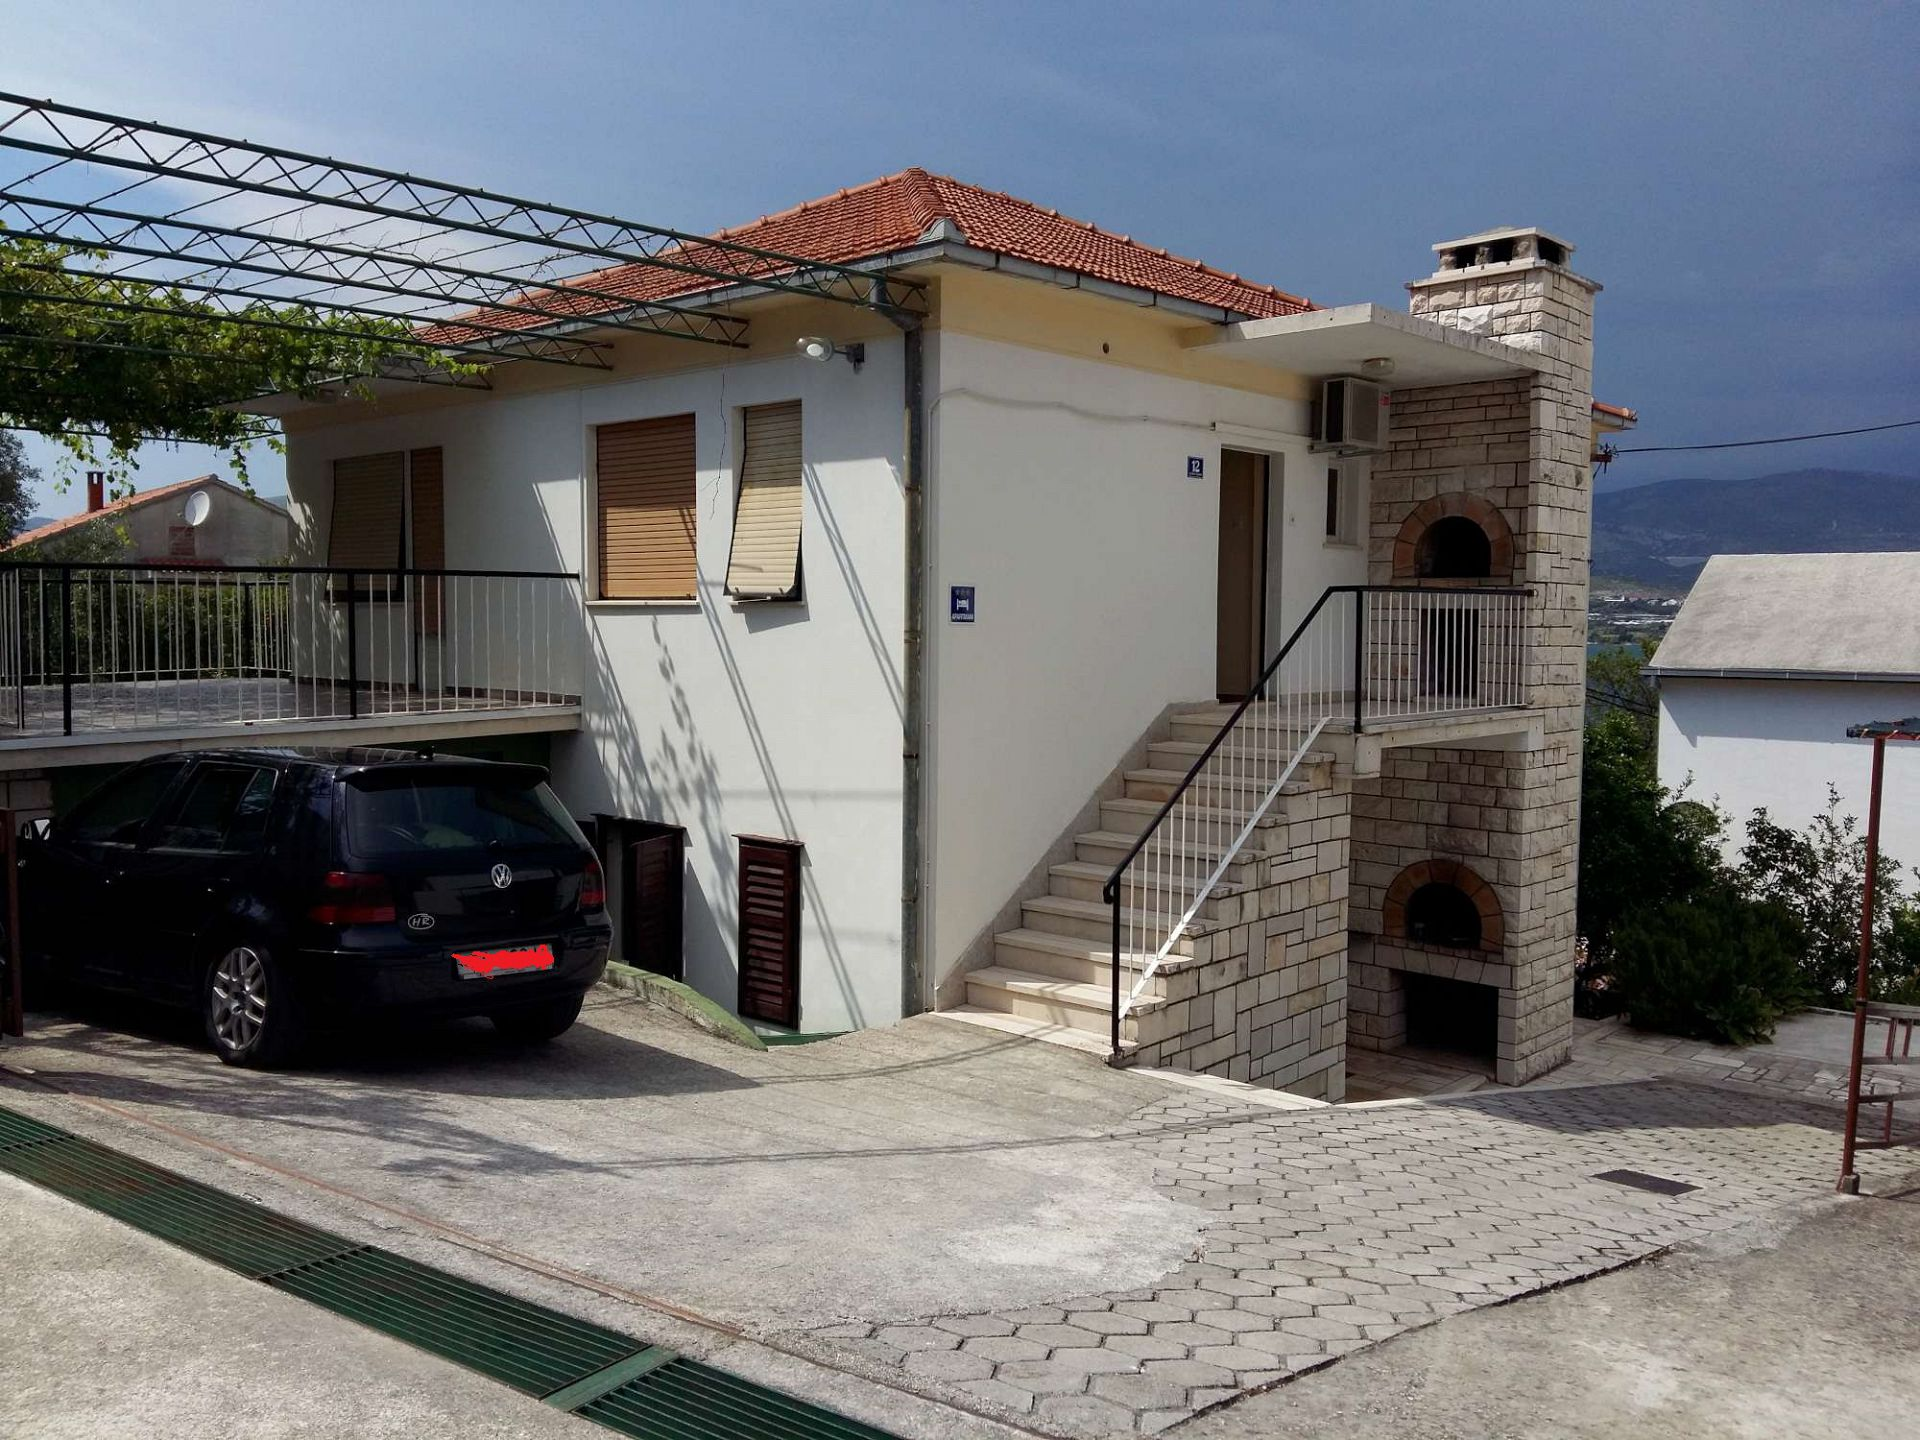 6129 - Mastrinka - Appartements Croatie